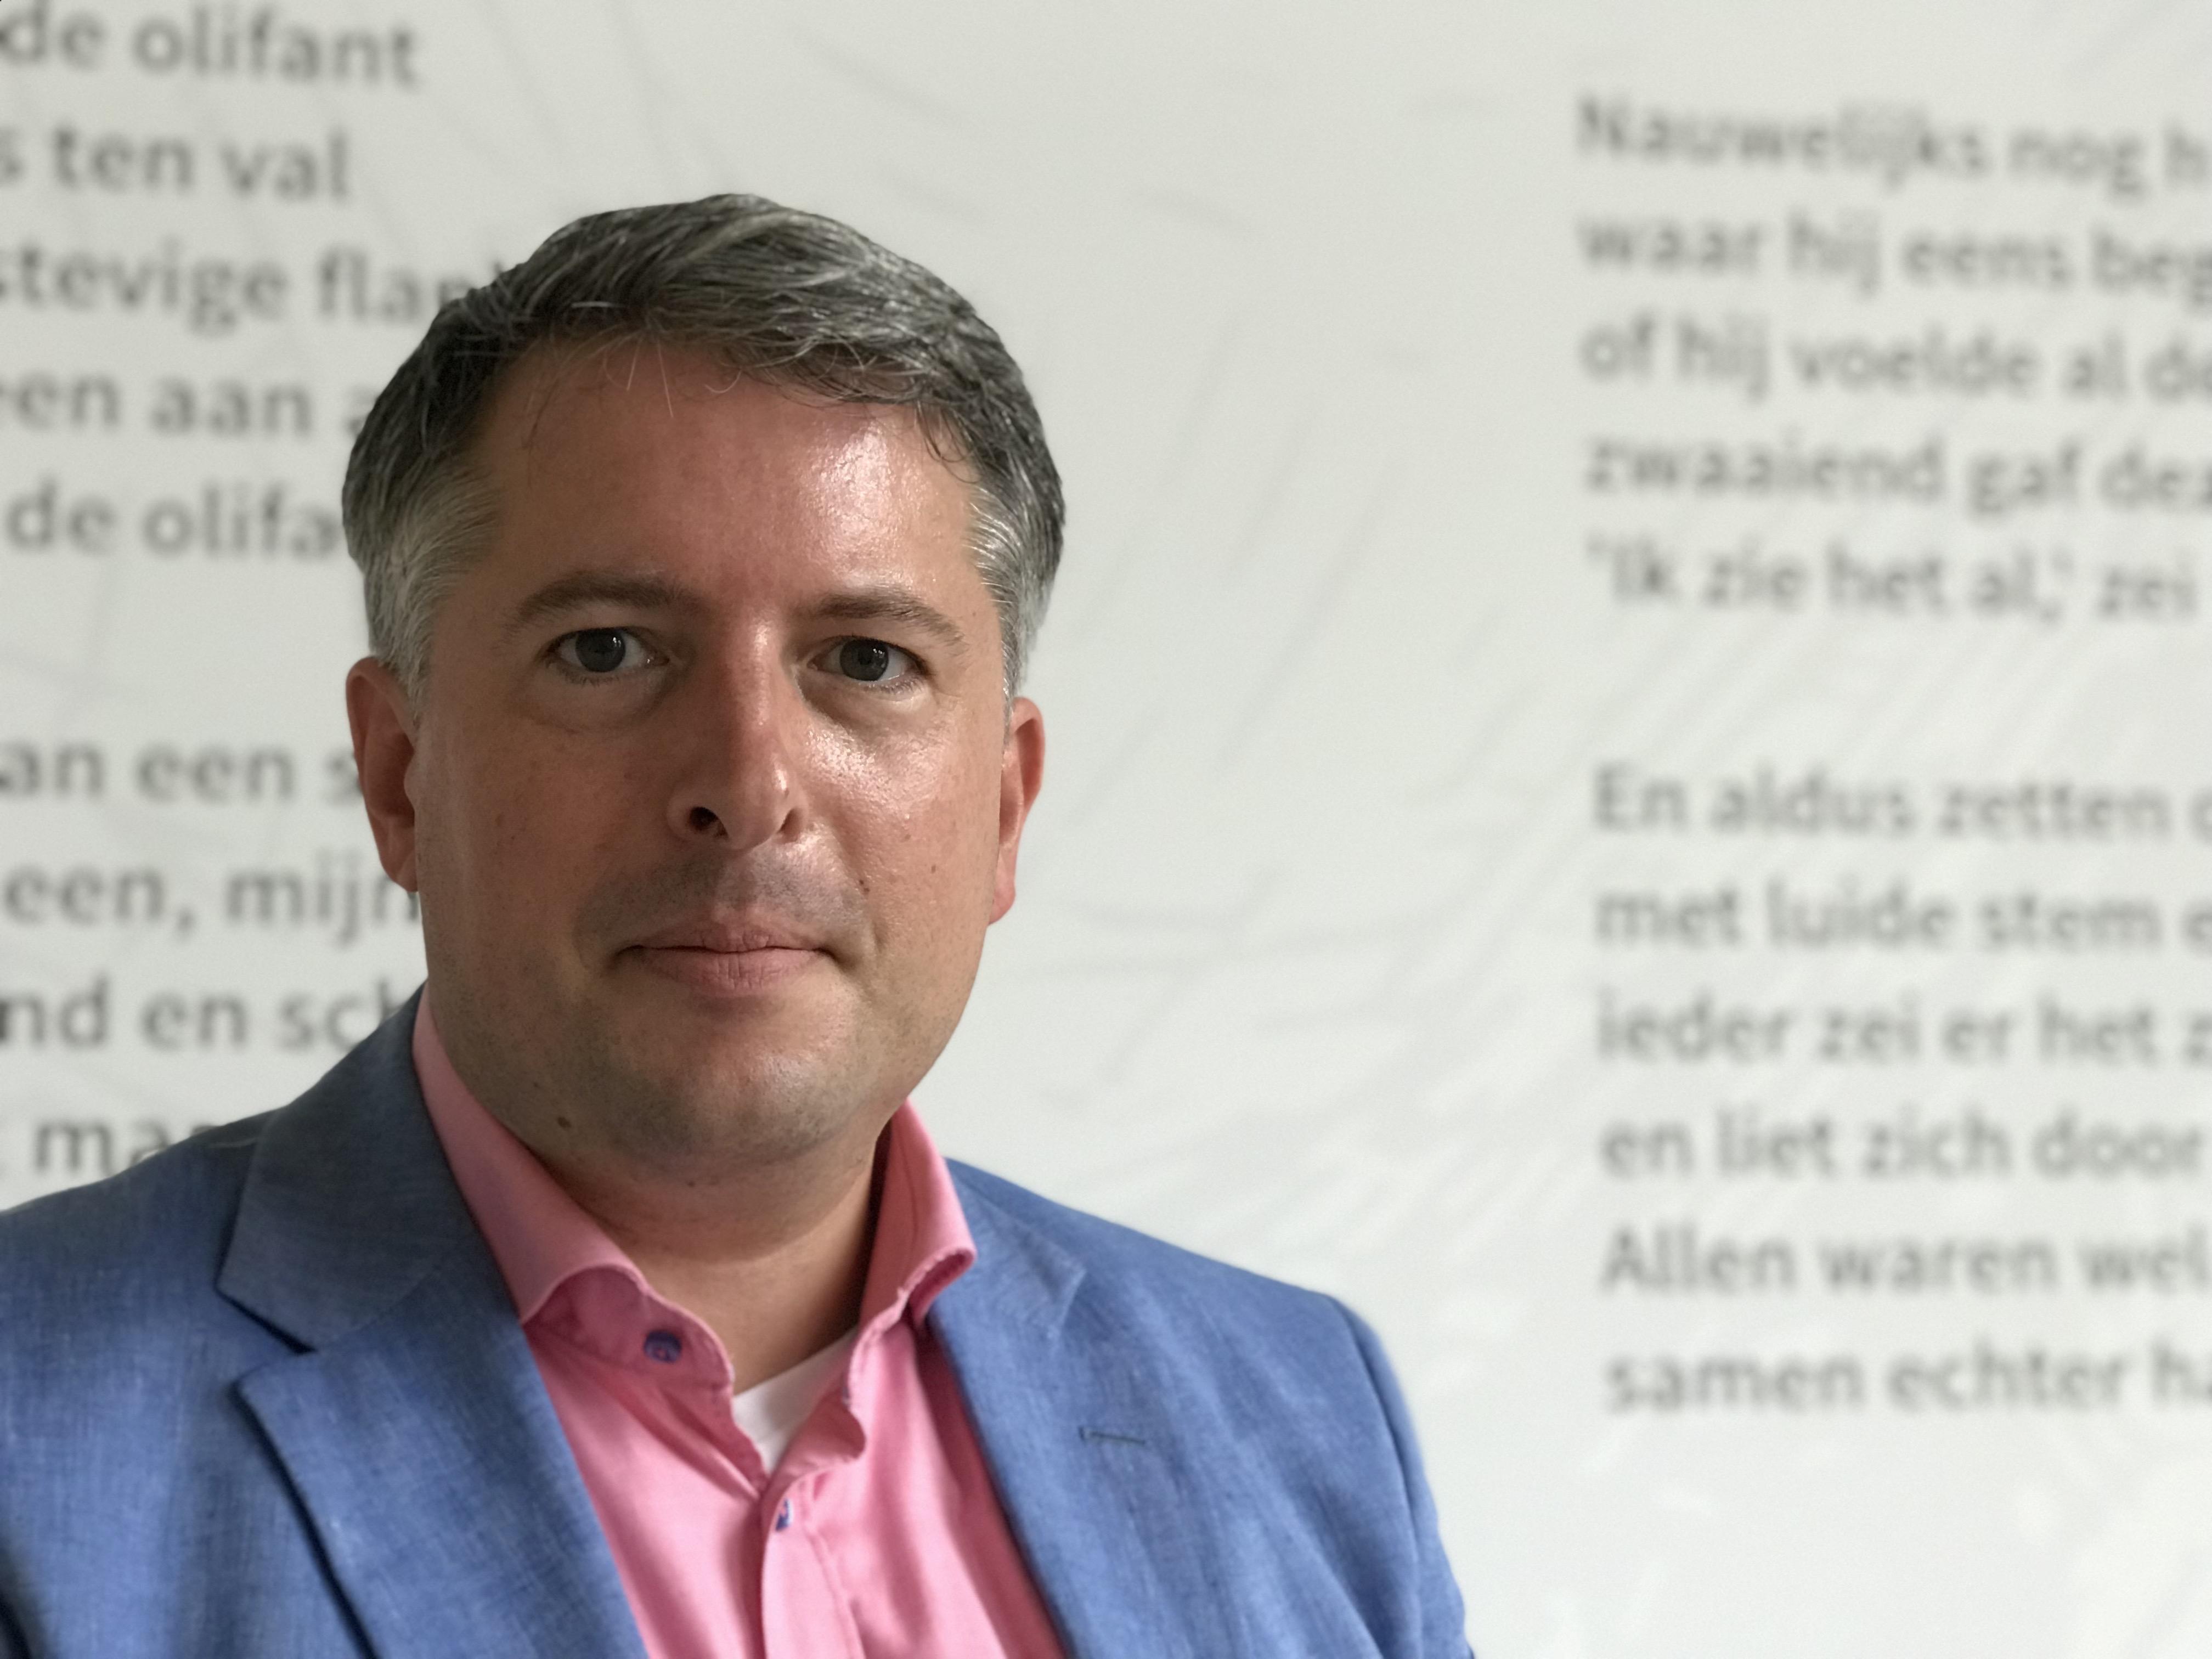 Maarten Crump